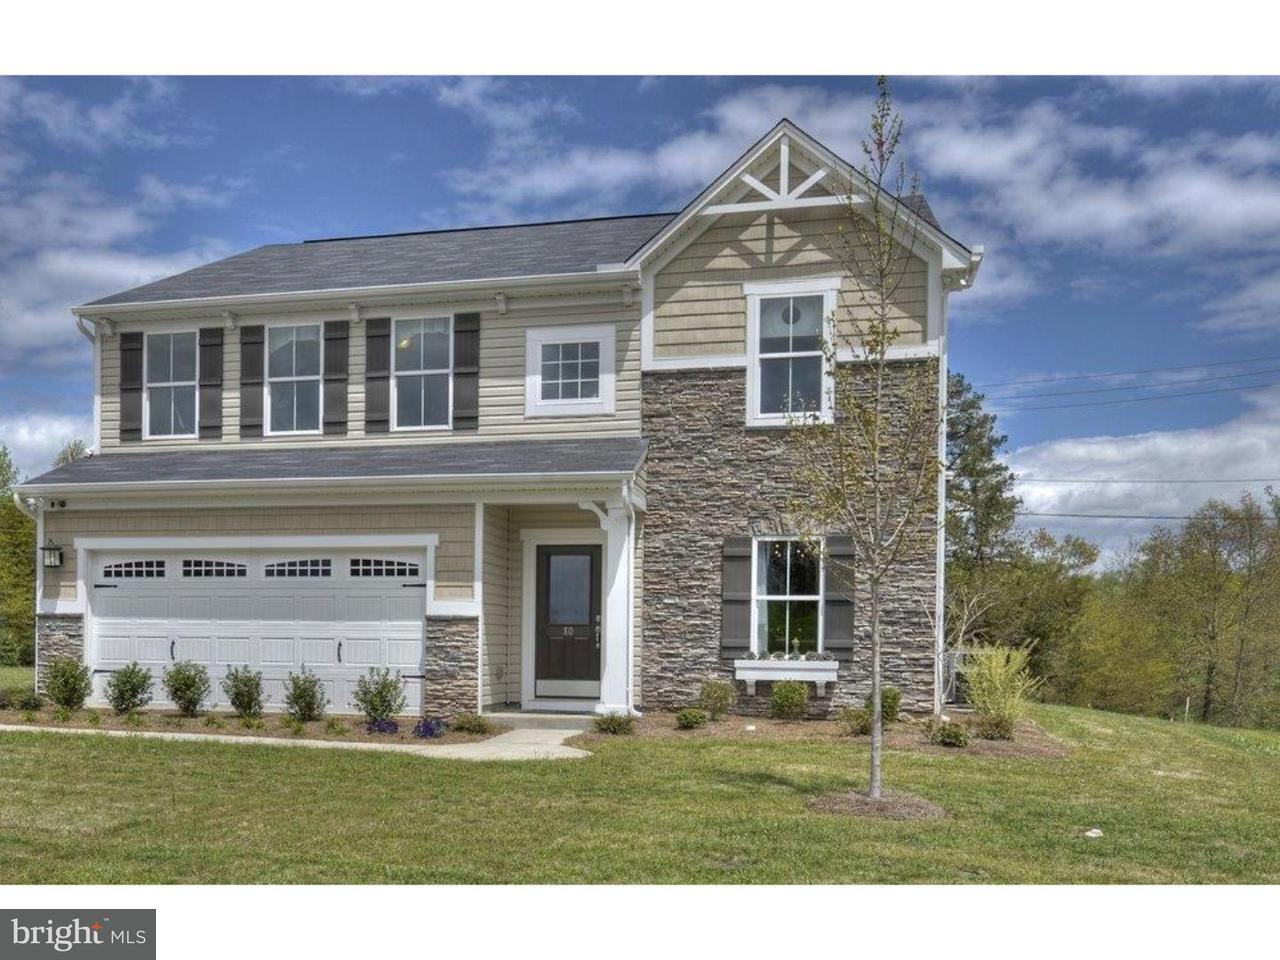 Частный односемейный дом для того Продажа на 2 EASTON Lane Mount Royal, Нью-Джерси 08061 Соединенные Штаты